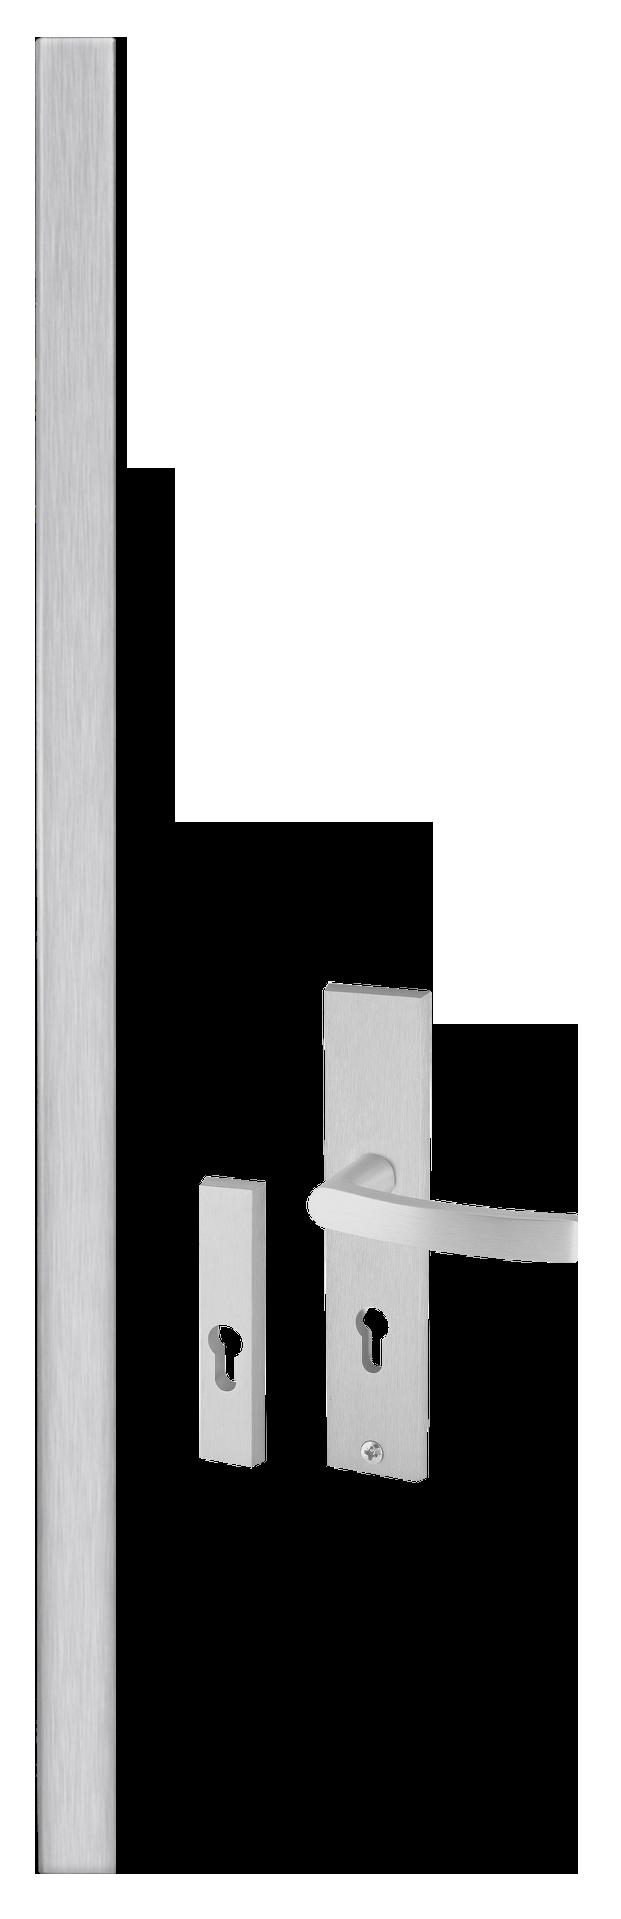 Kování AXA Wobi hranaté rovné, klika AXA a rozety pro vchodové dveøe